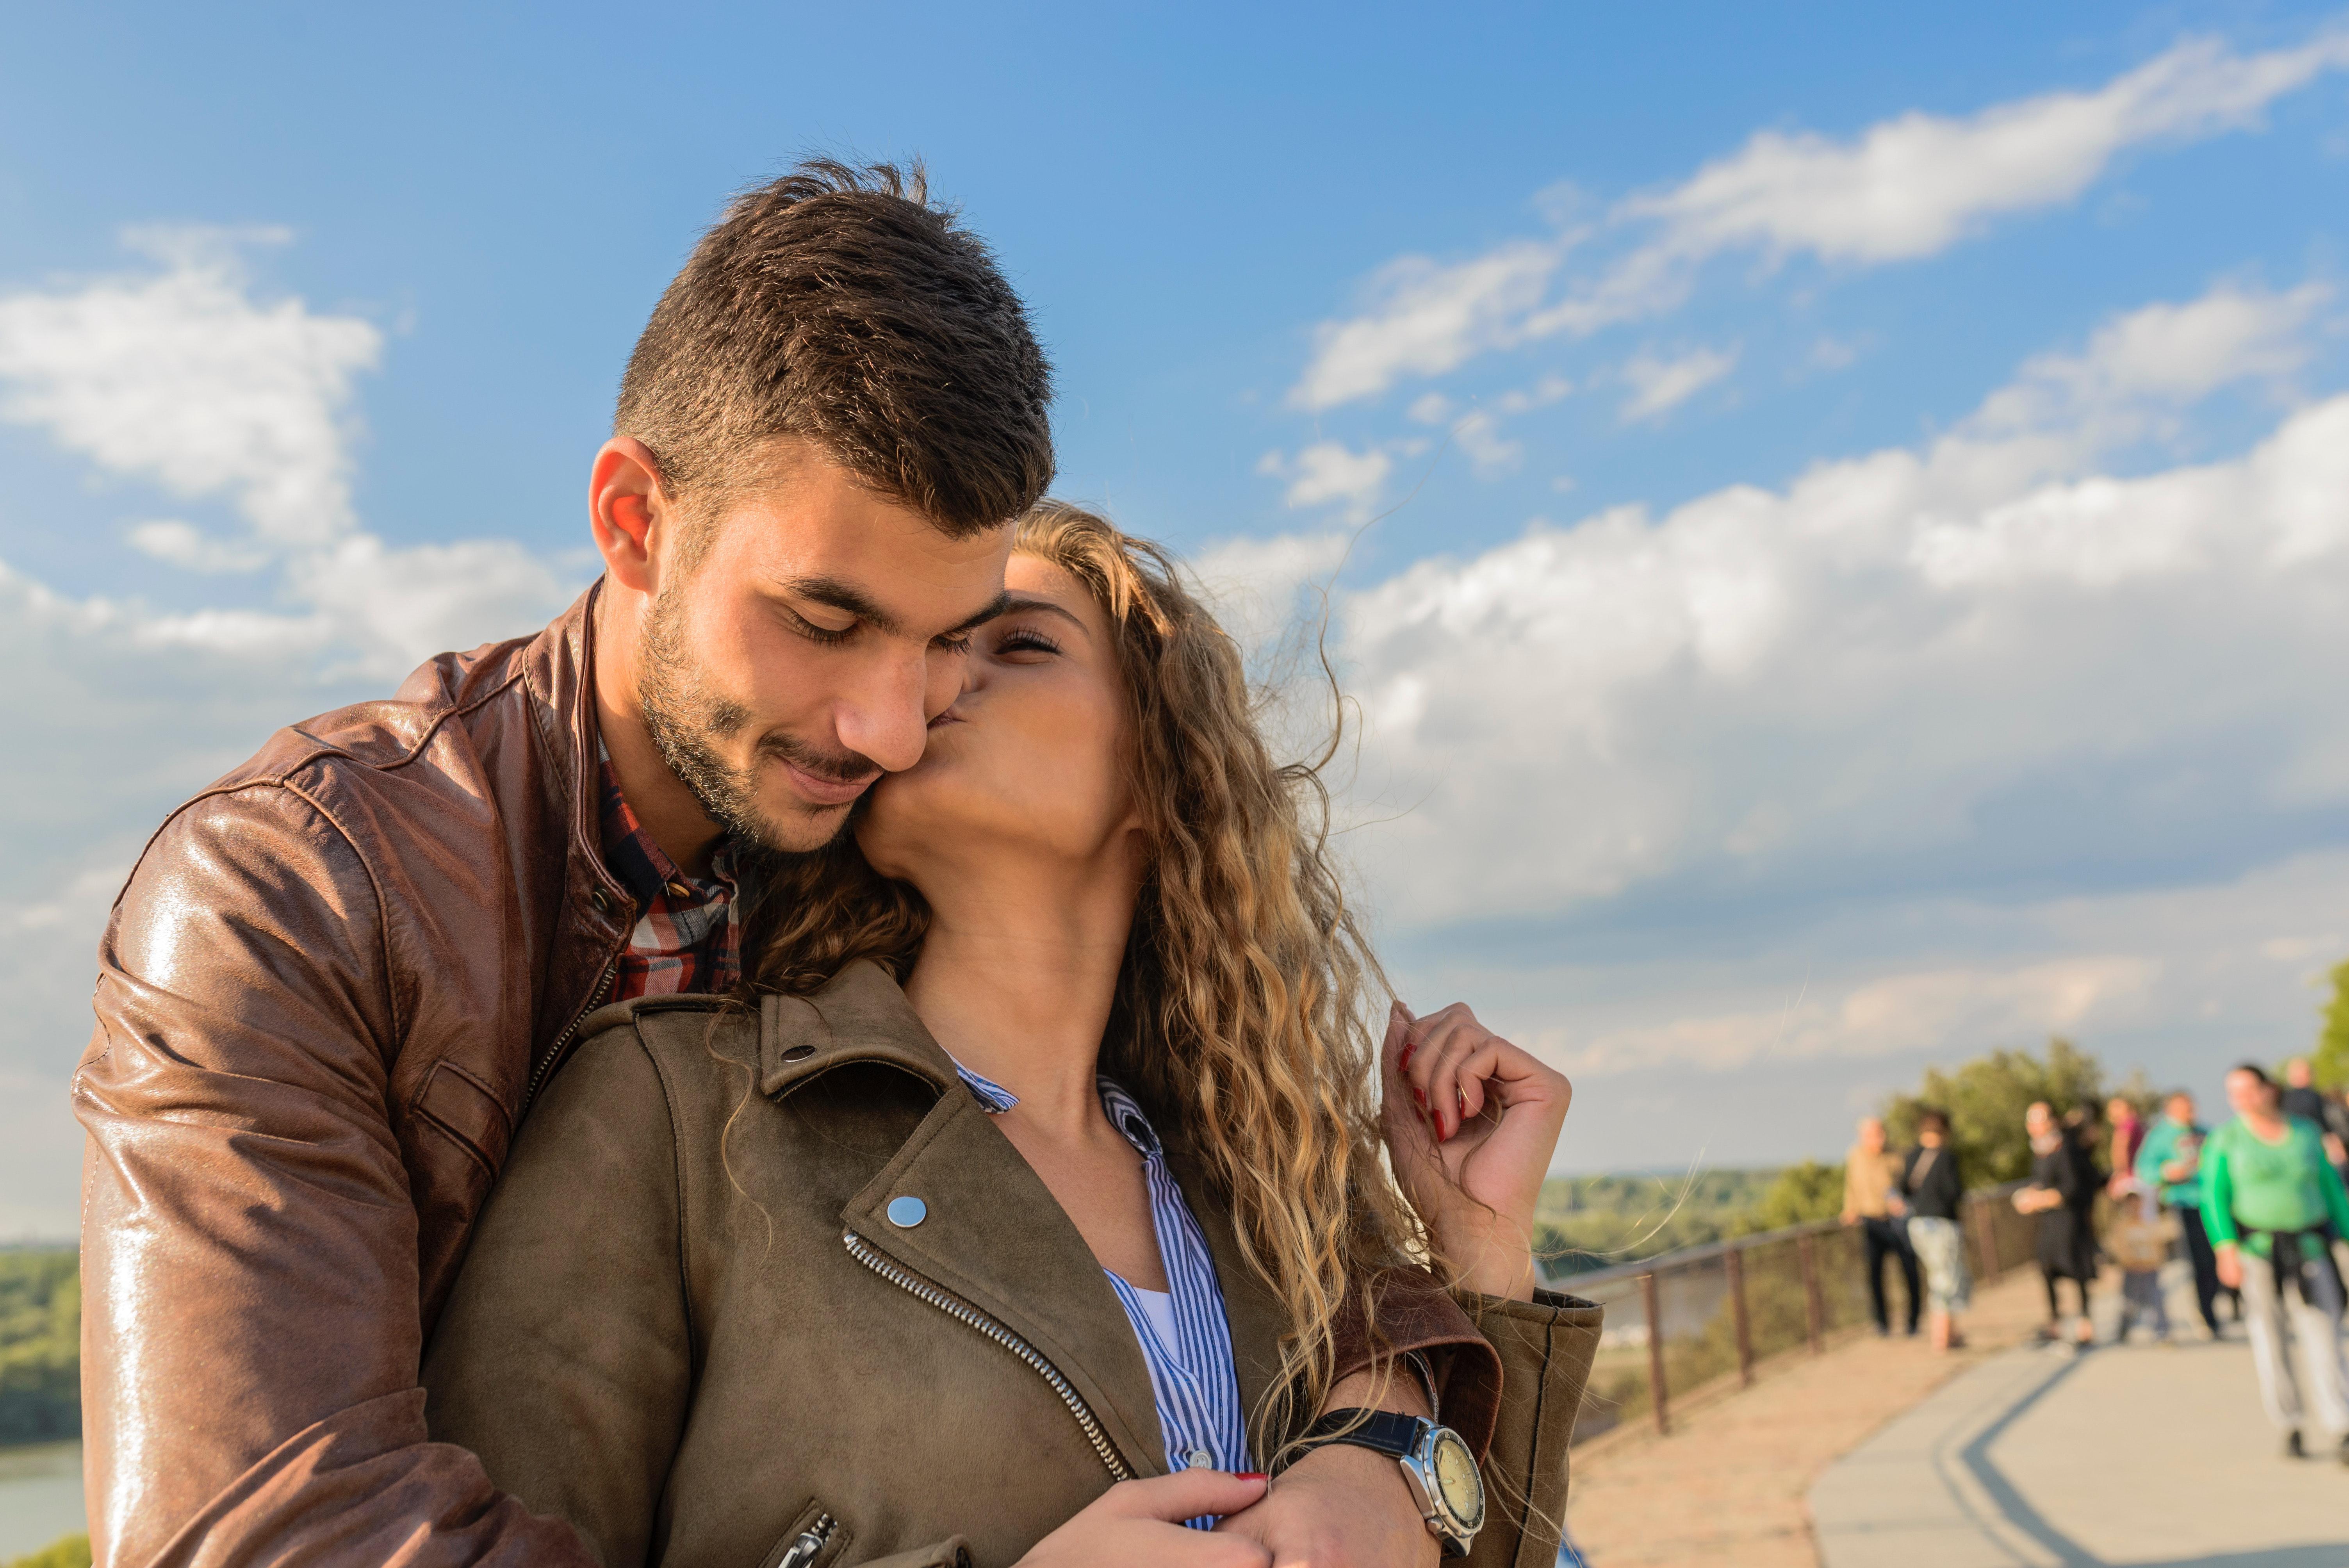 Friseur einkauf online dating